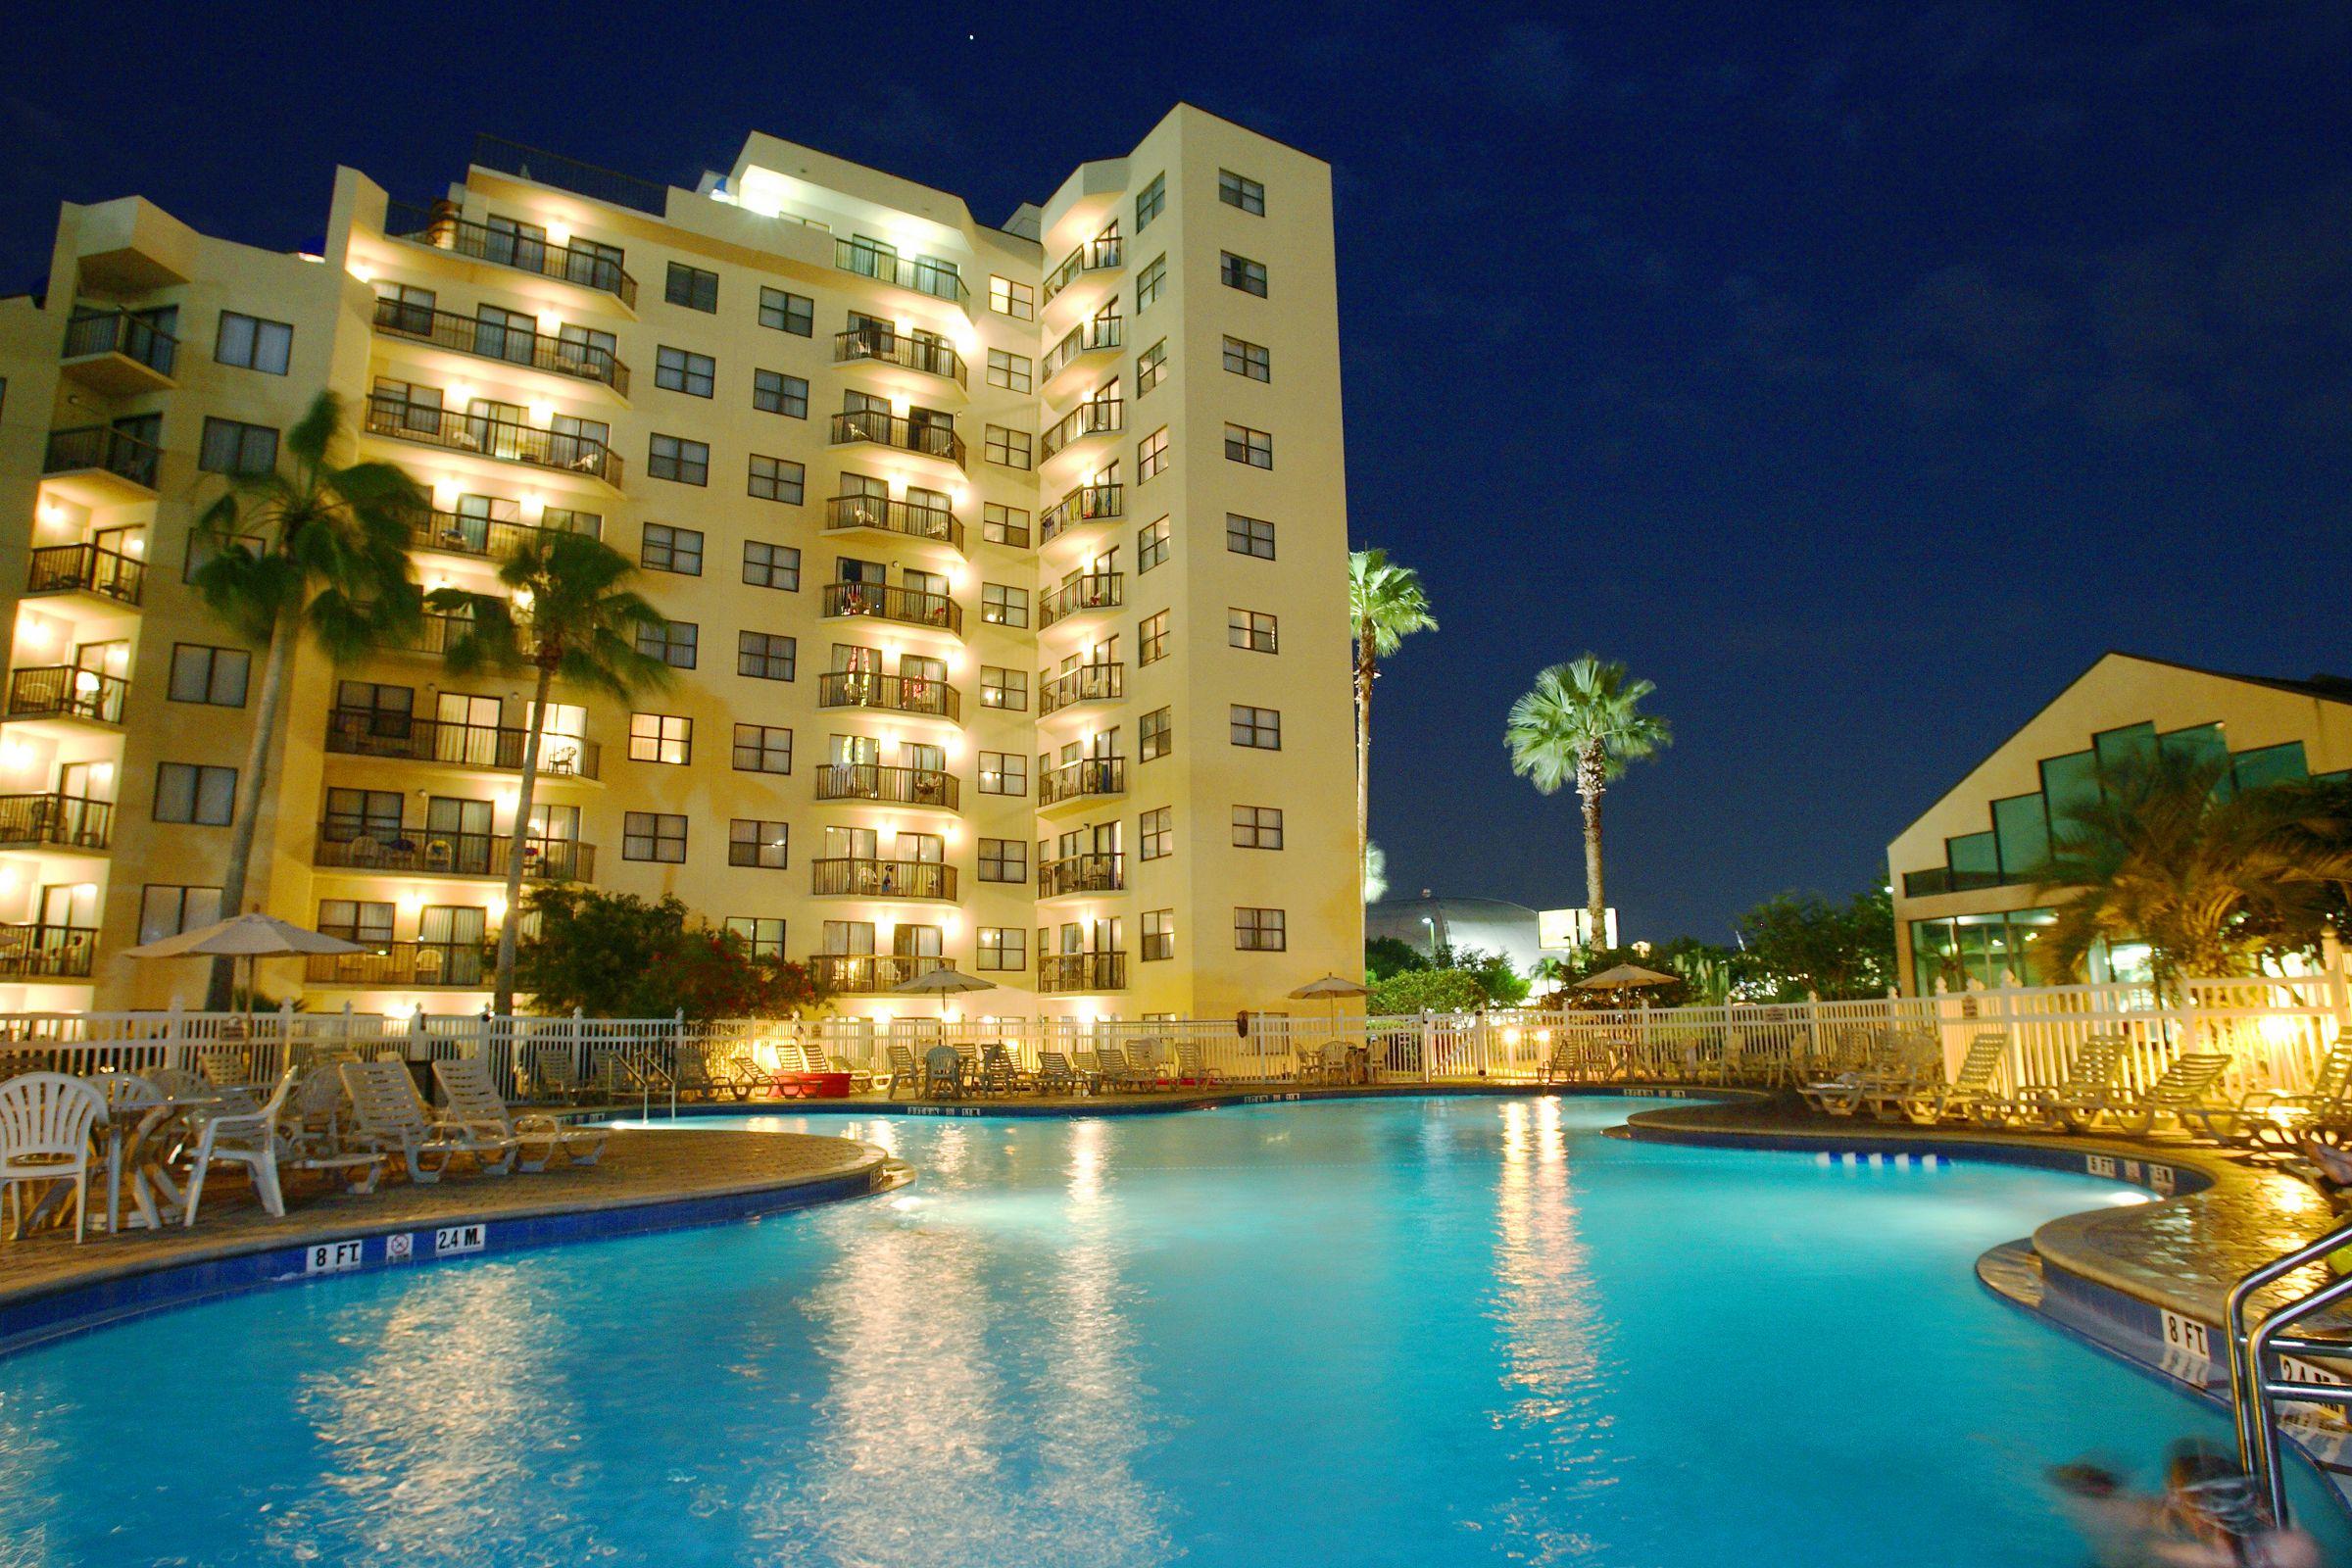 Orlando Hotel Suites Orlando hotel, Orlando vacation